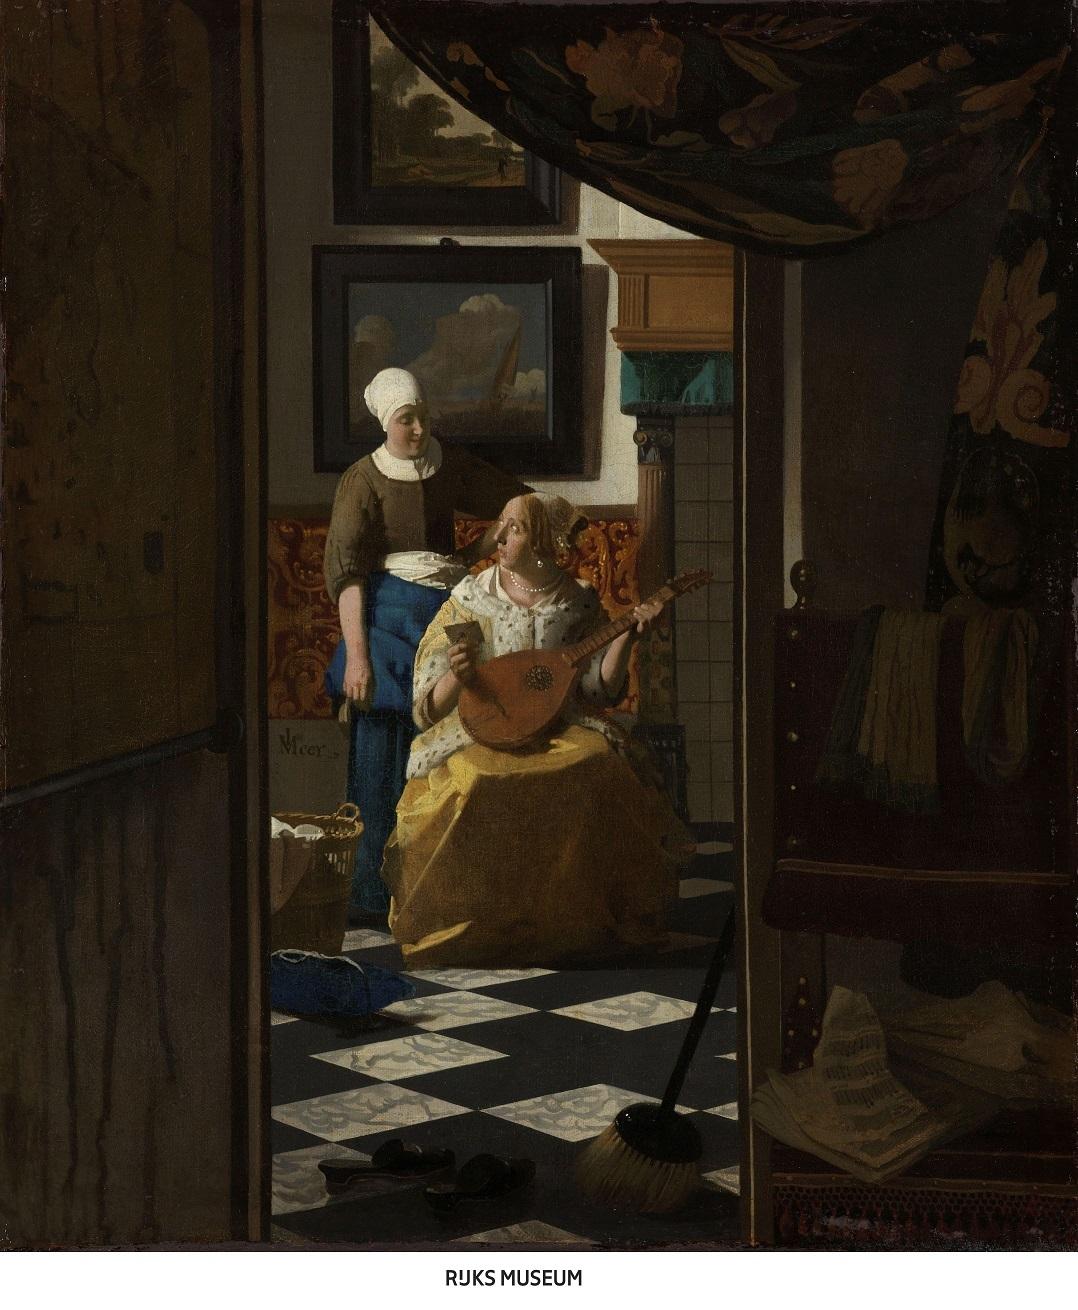 ヨハネス・フェルメール 《恋文》 1669-1670年頃    油彩・カンヴァス 44×38.5cm アムステルダム国立美術館  Rijksmuseum. Purchased with the support of the Vereniging Rembrandt, 1893